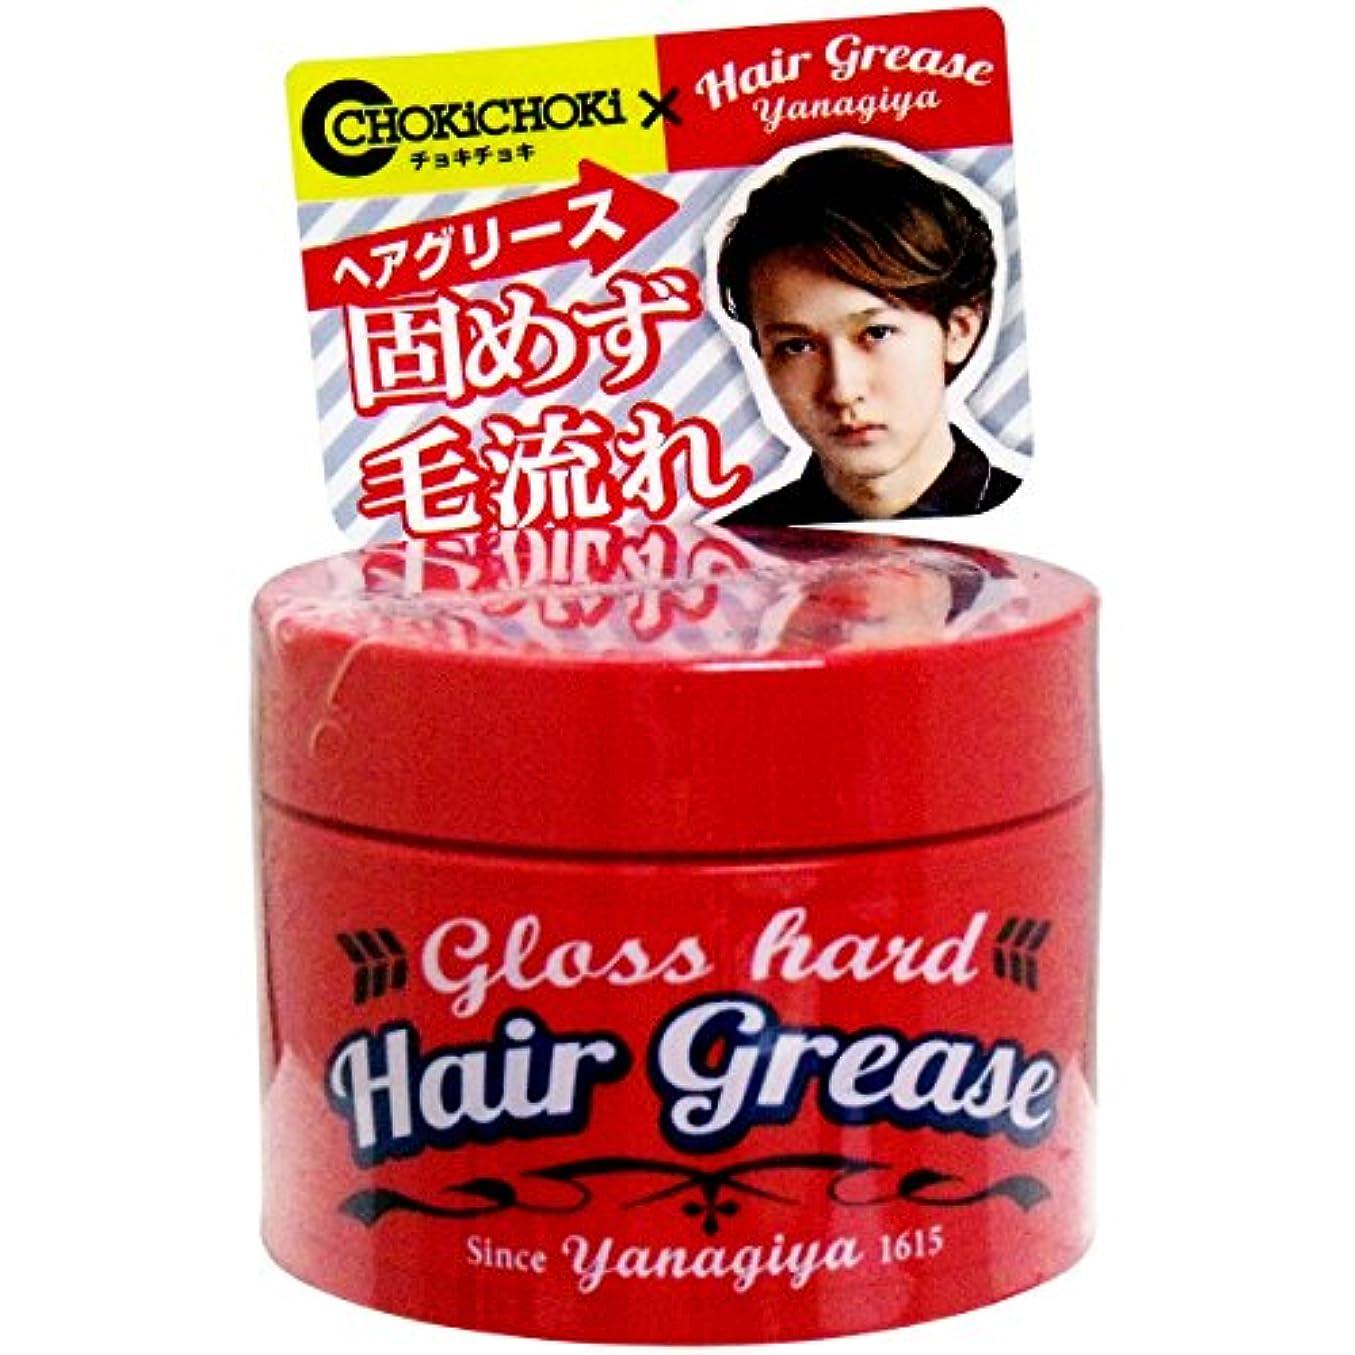 不安ロマンチックレンダリングヘアワックス 固めず毛流れ 使いやすい YANAGIYA ヘアグリース グロスハード 90g入【3個セット】